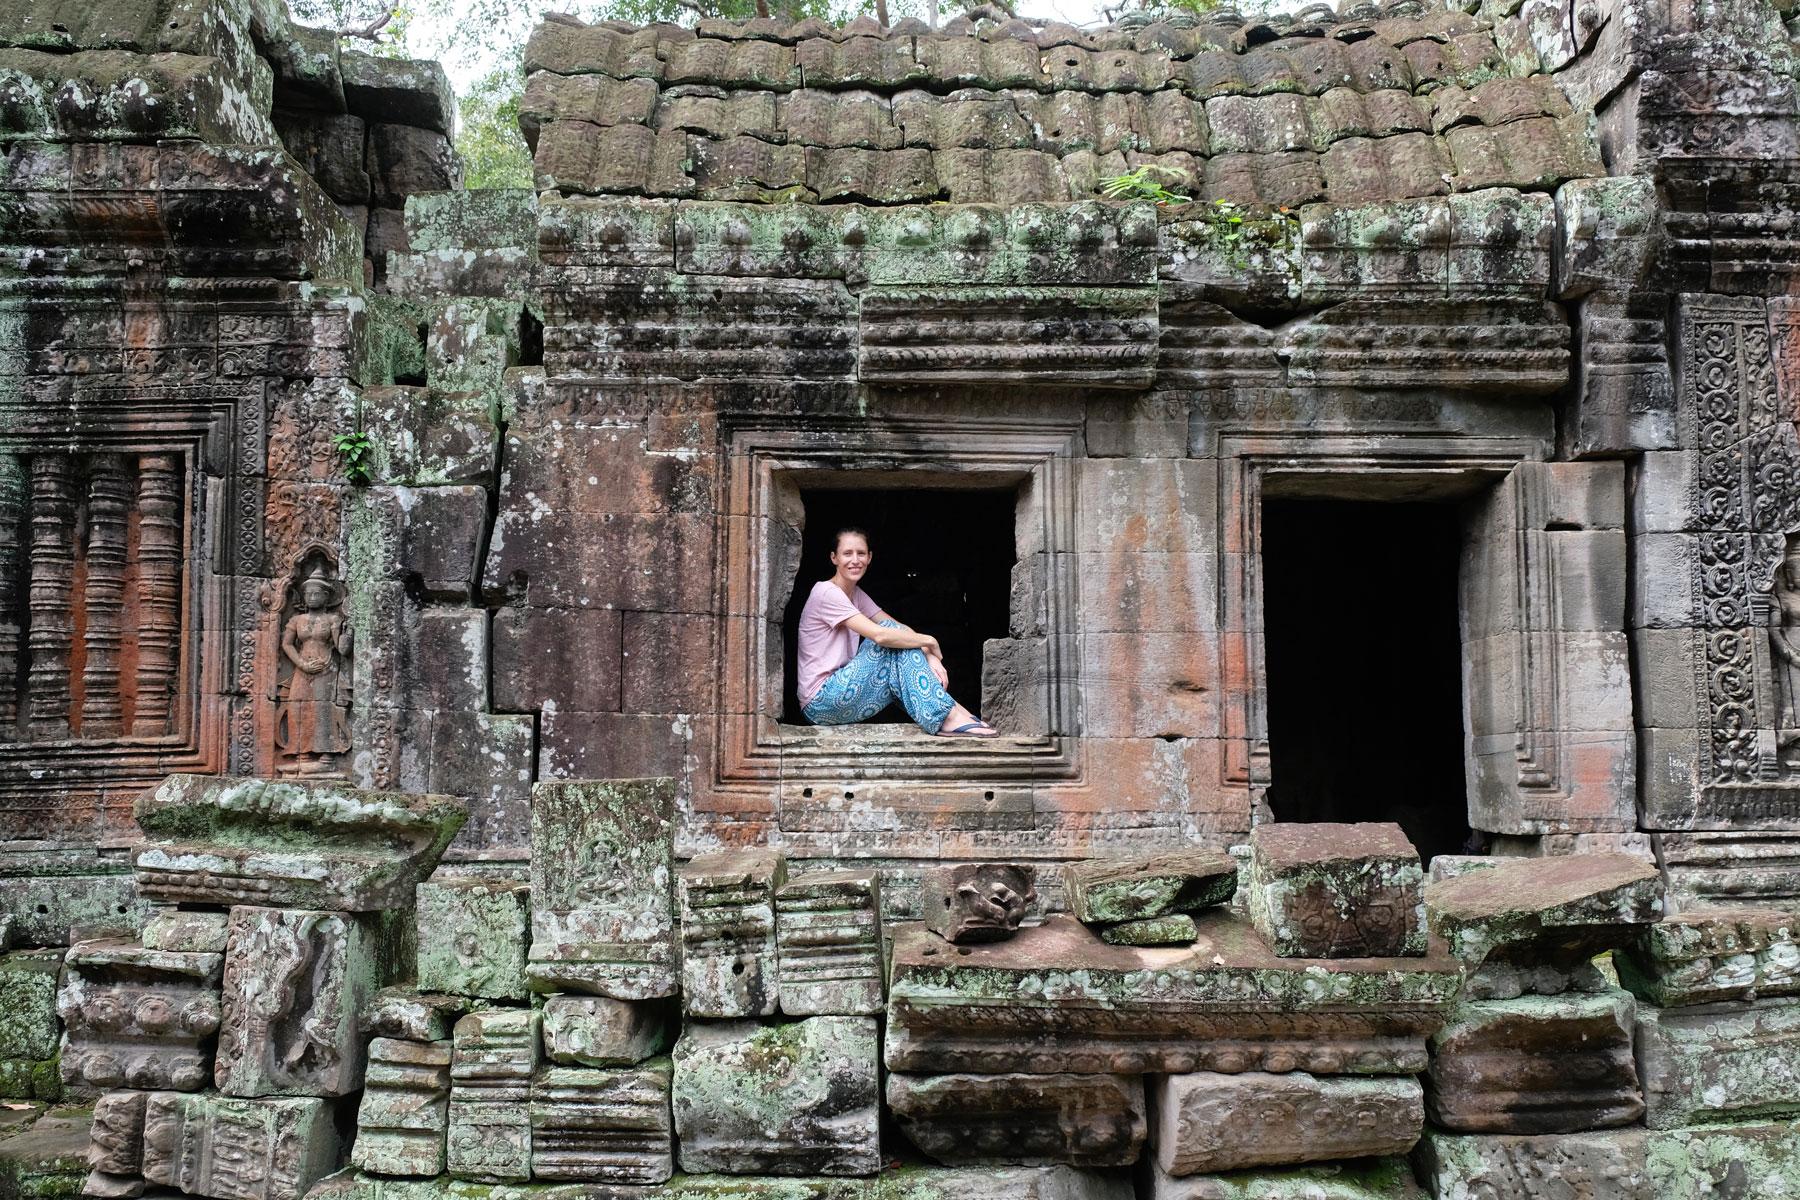 Leo sitzt in einem Fenster des Tempels Banteay Kdei